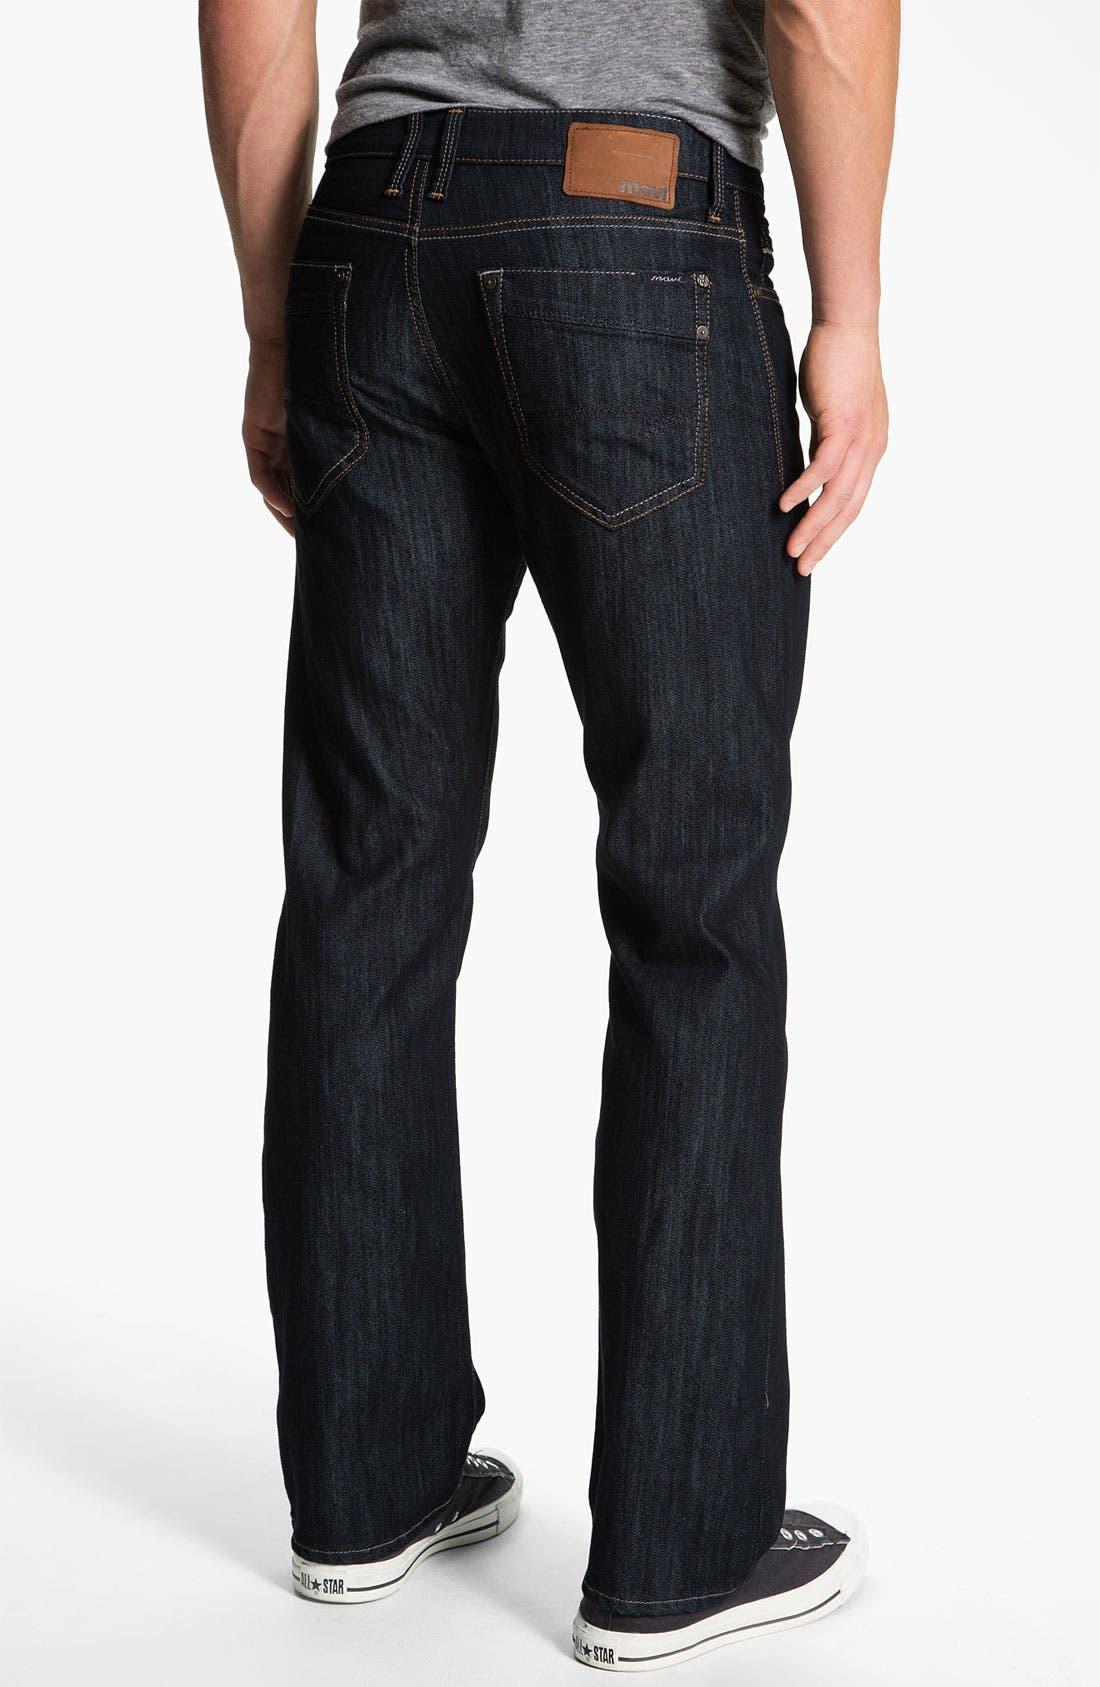 Alternate Image 1 Selected - Mavi Jeans 'Matt' Relaxed Straight Leg Jeans (Kensington)